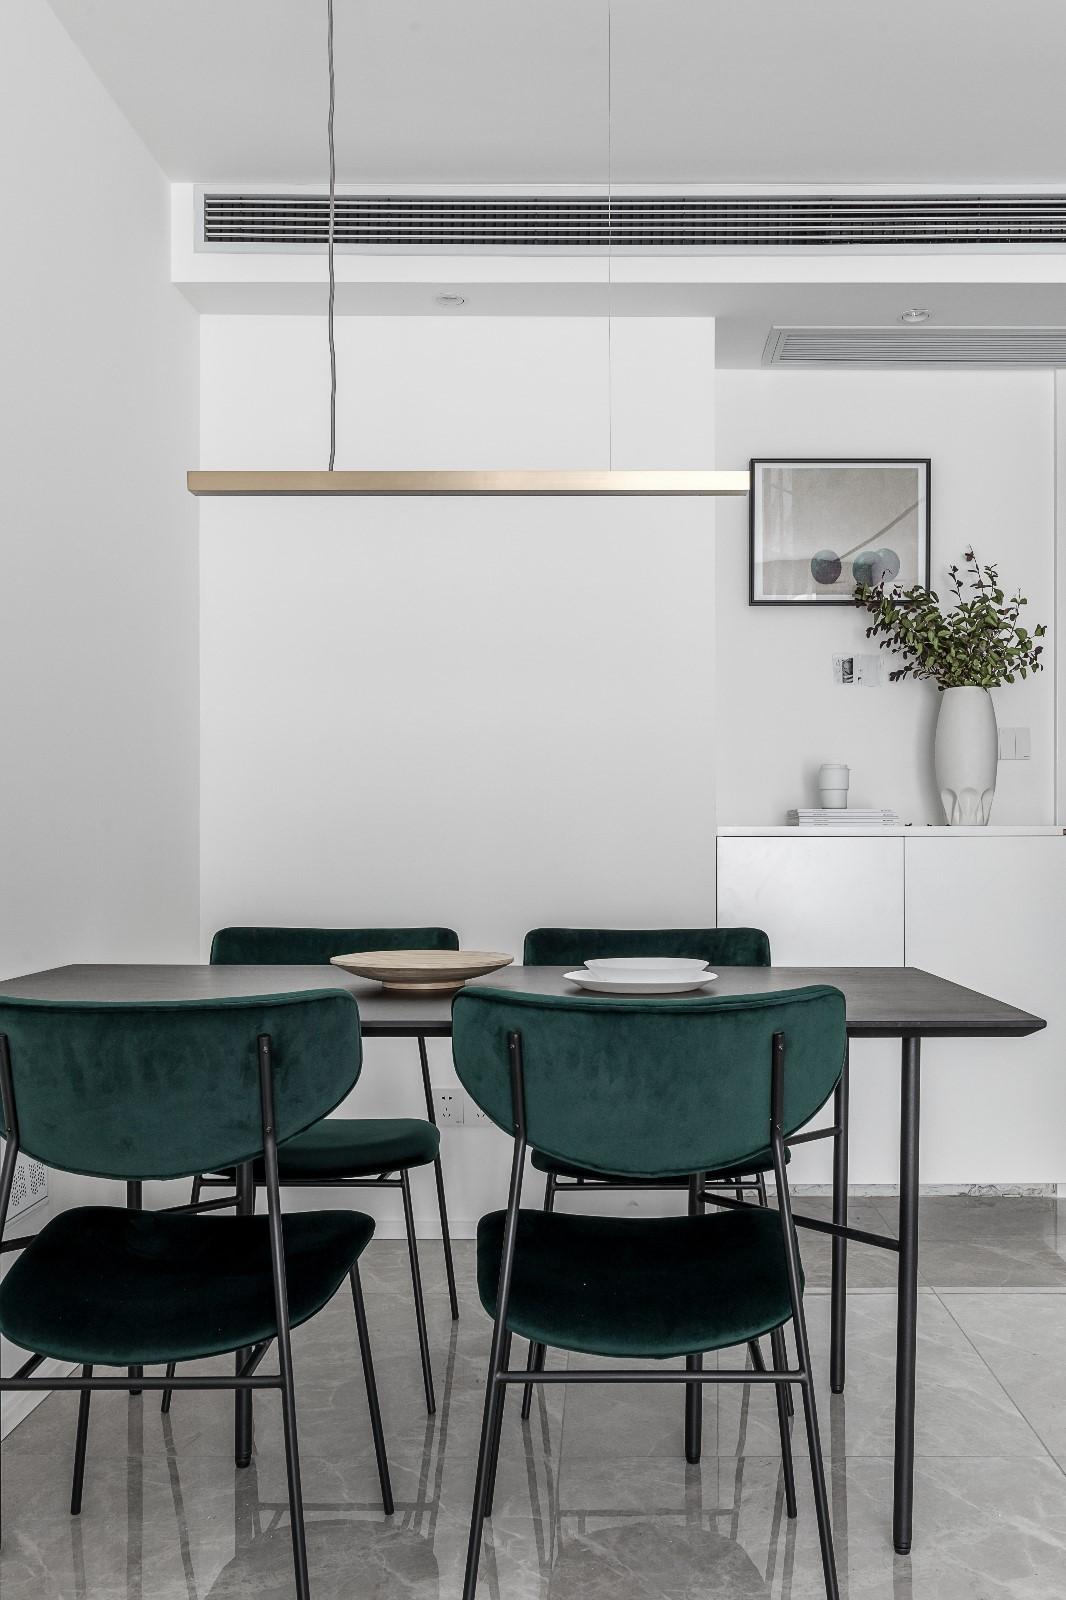 清新日光居、三口之家厨房1图北欧极简餐厅设计图片赏析